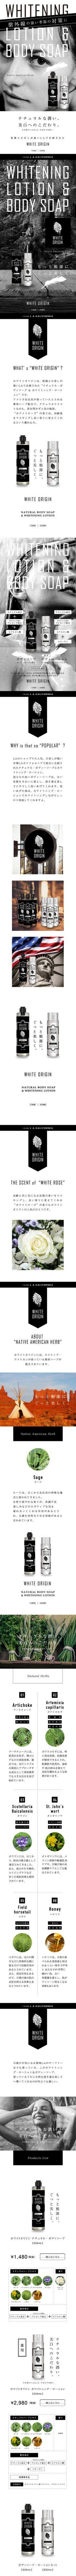 株式会社 アメイズプラス様の「WHITE ORIGIN ボディソープ&ボディローション」のスマホランディングページ(LP)かっこいい系 スキンケア・ボディケア・ヘアケア #LP #ランディングページ #ランペ #WHITE ORIGIN ボディソープ&ボディローション